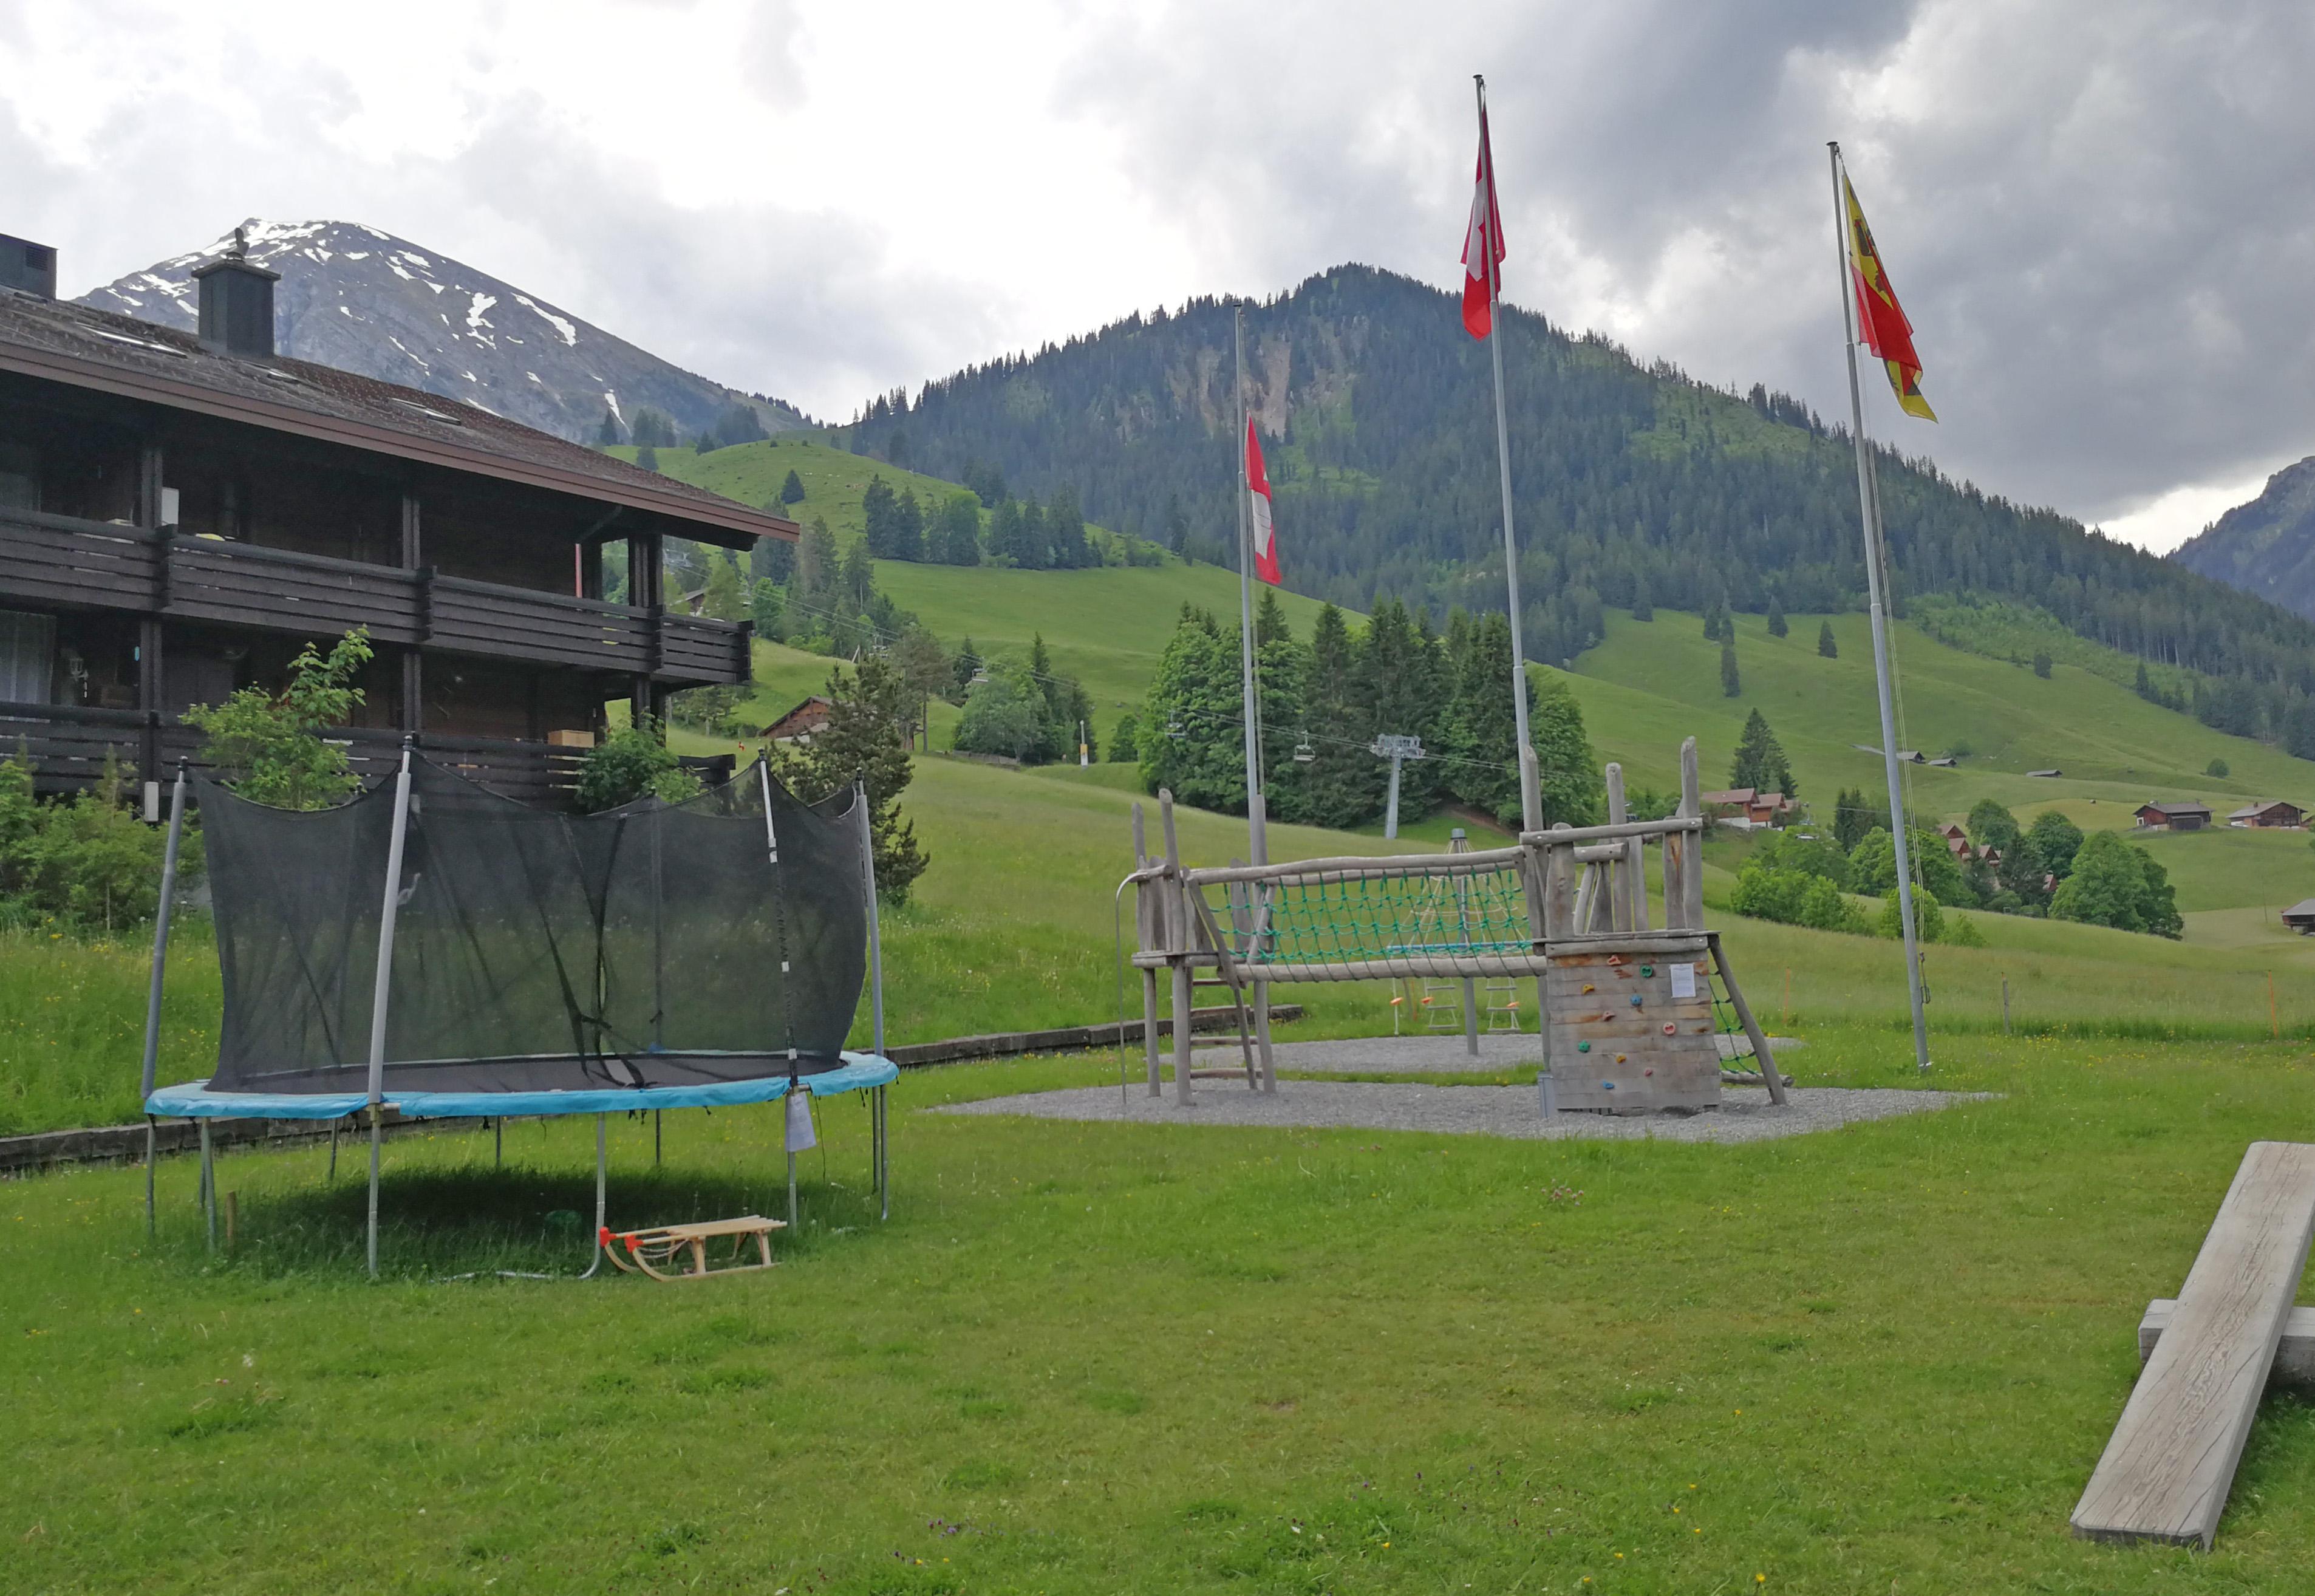 Grosszügiger Spielplatz mit Trampolin, Kletterturm und Karusell